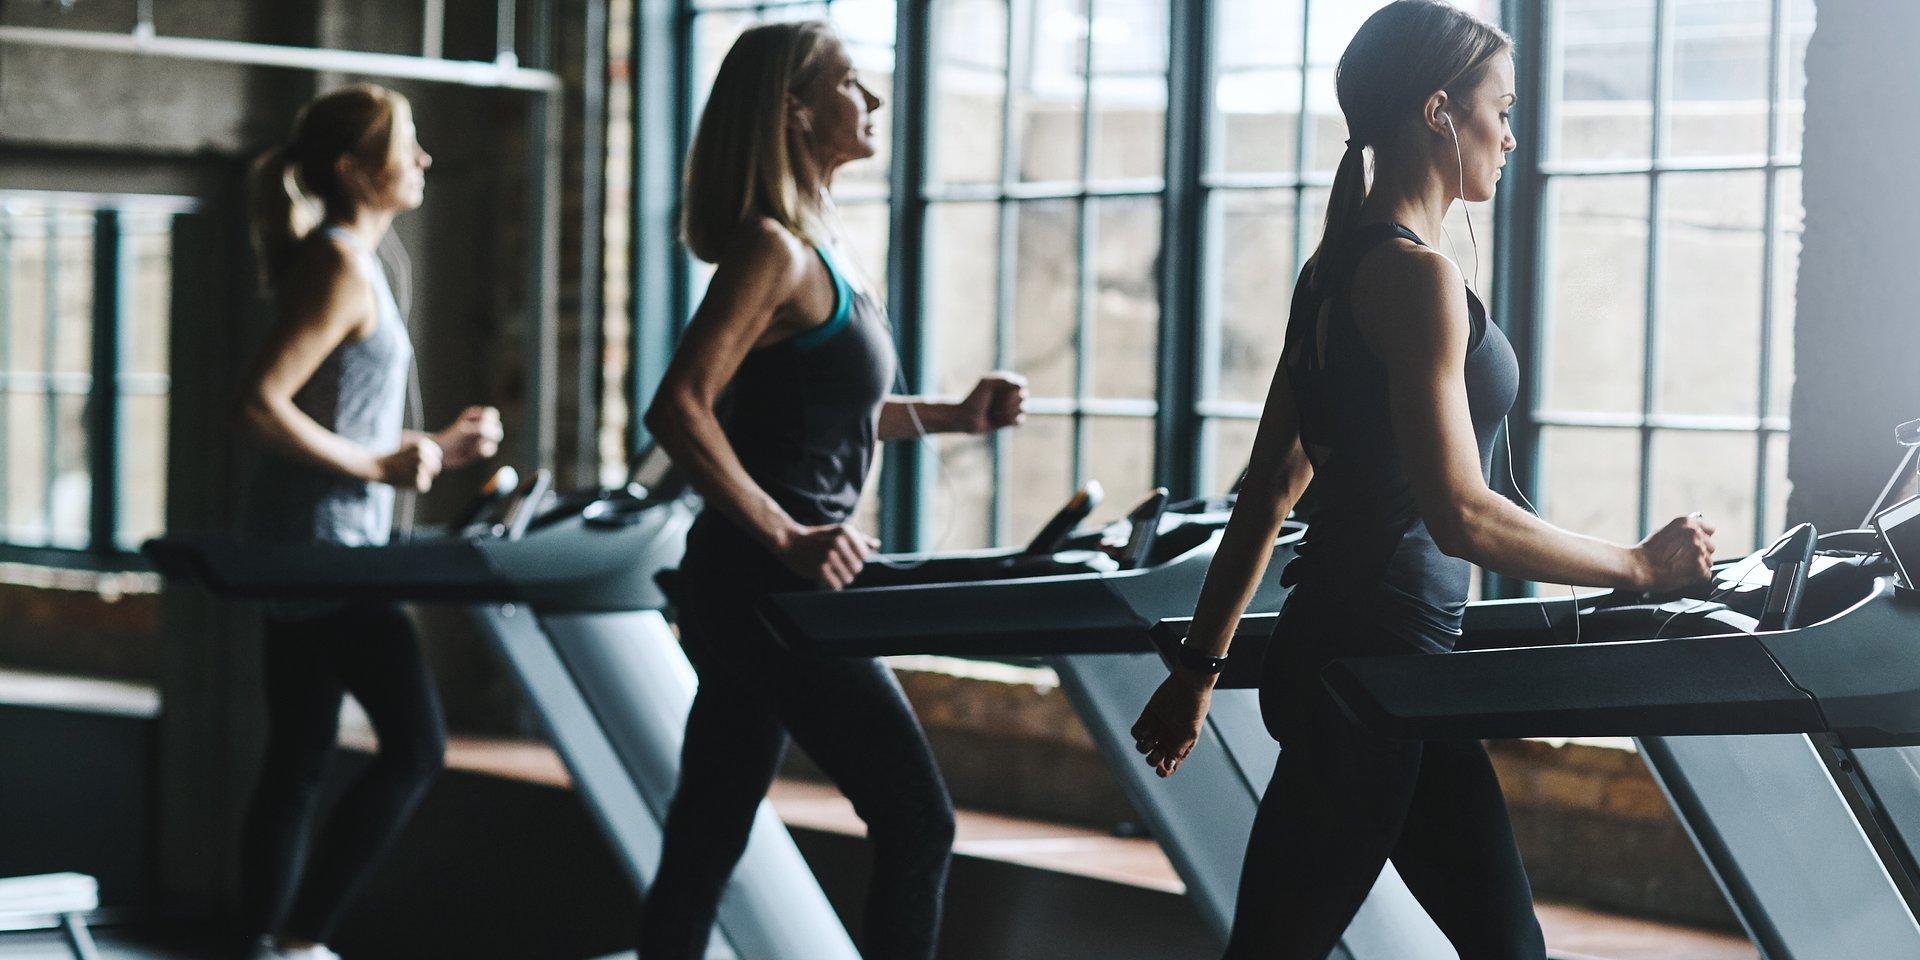 Badanie: Aktywność fizyczna zmniejsza ryzyko ciężkiego przebiegu COVID-19